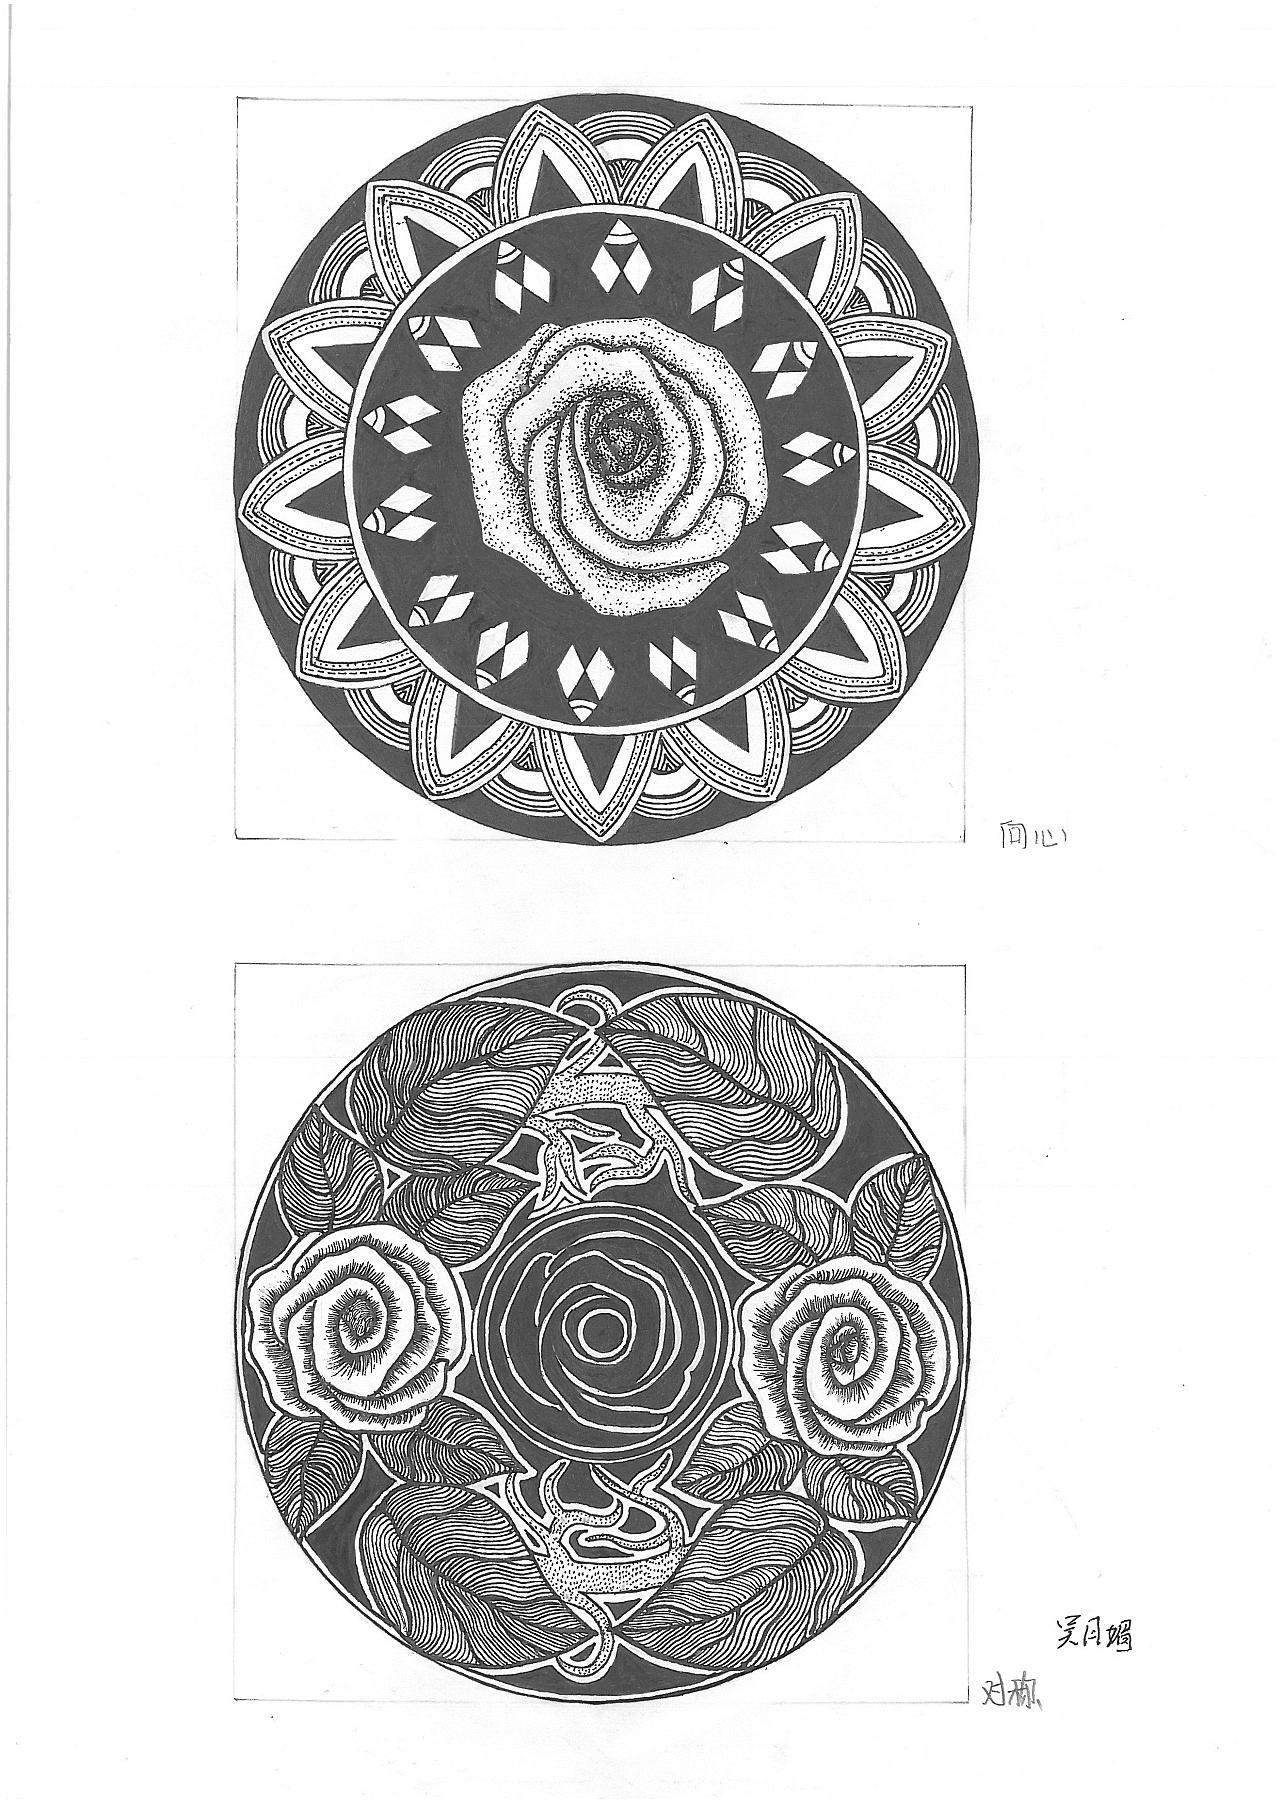 適合紋樣風景圖案設計-適合紋樣圖案大全,適合紋樣圖案,適合紋樣ppt